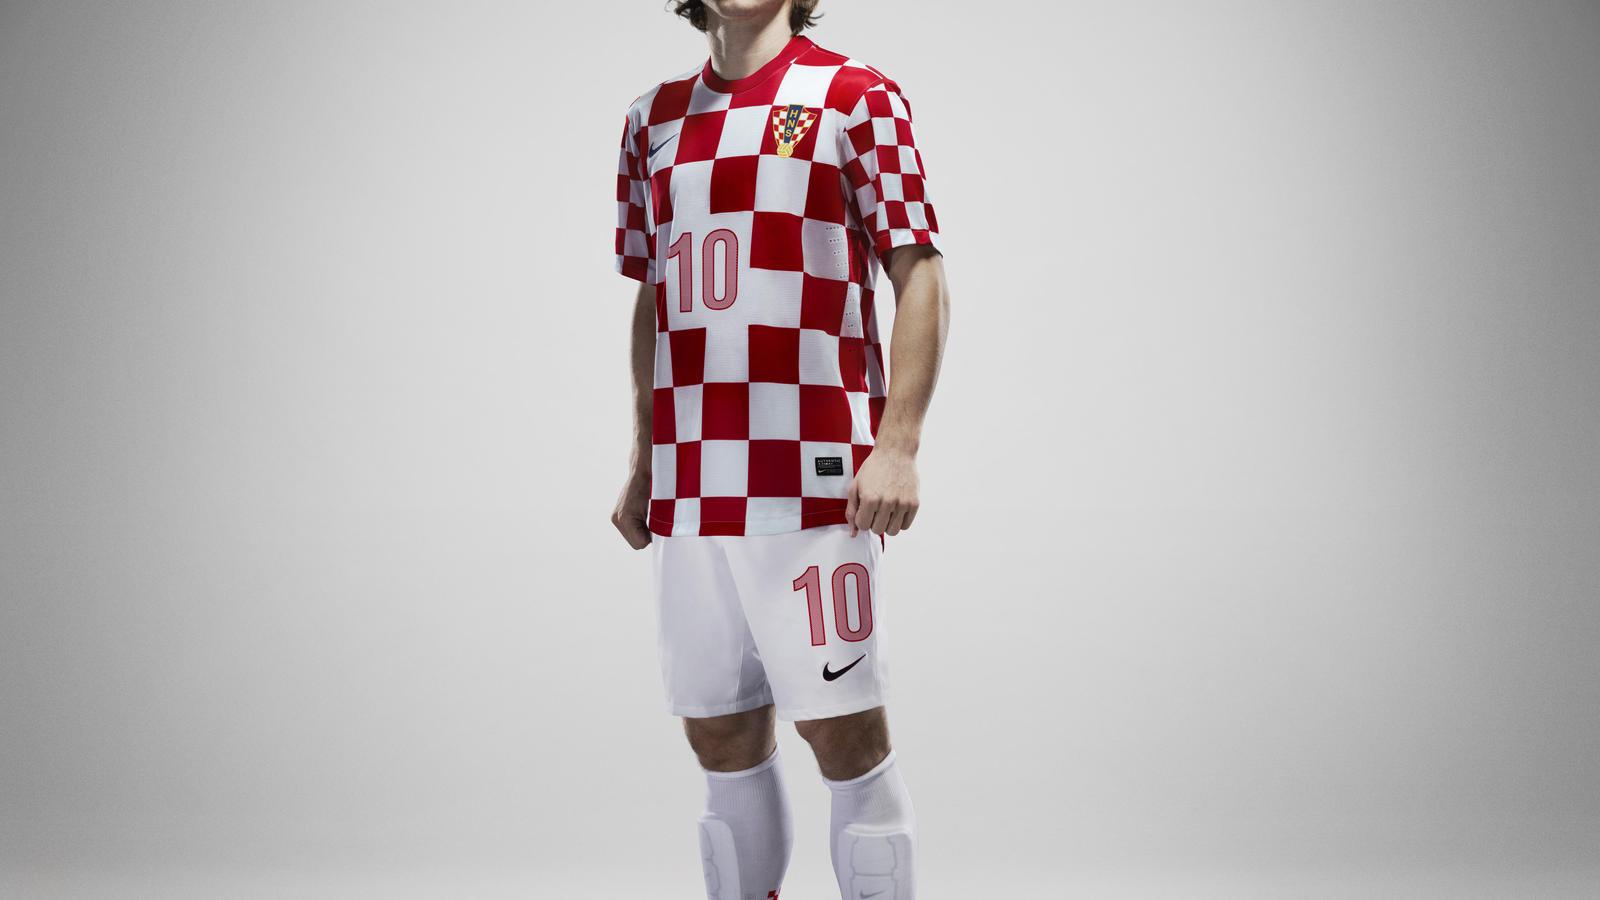 Modric_croatia_Home_NTK_01